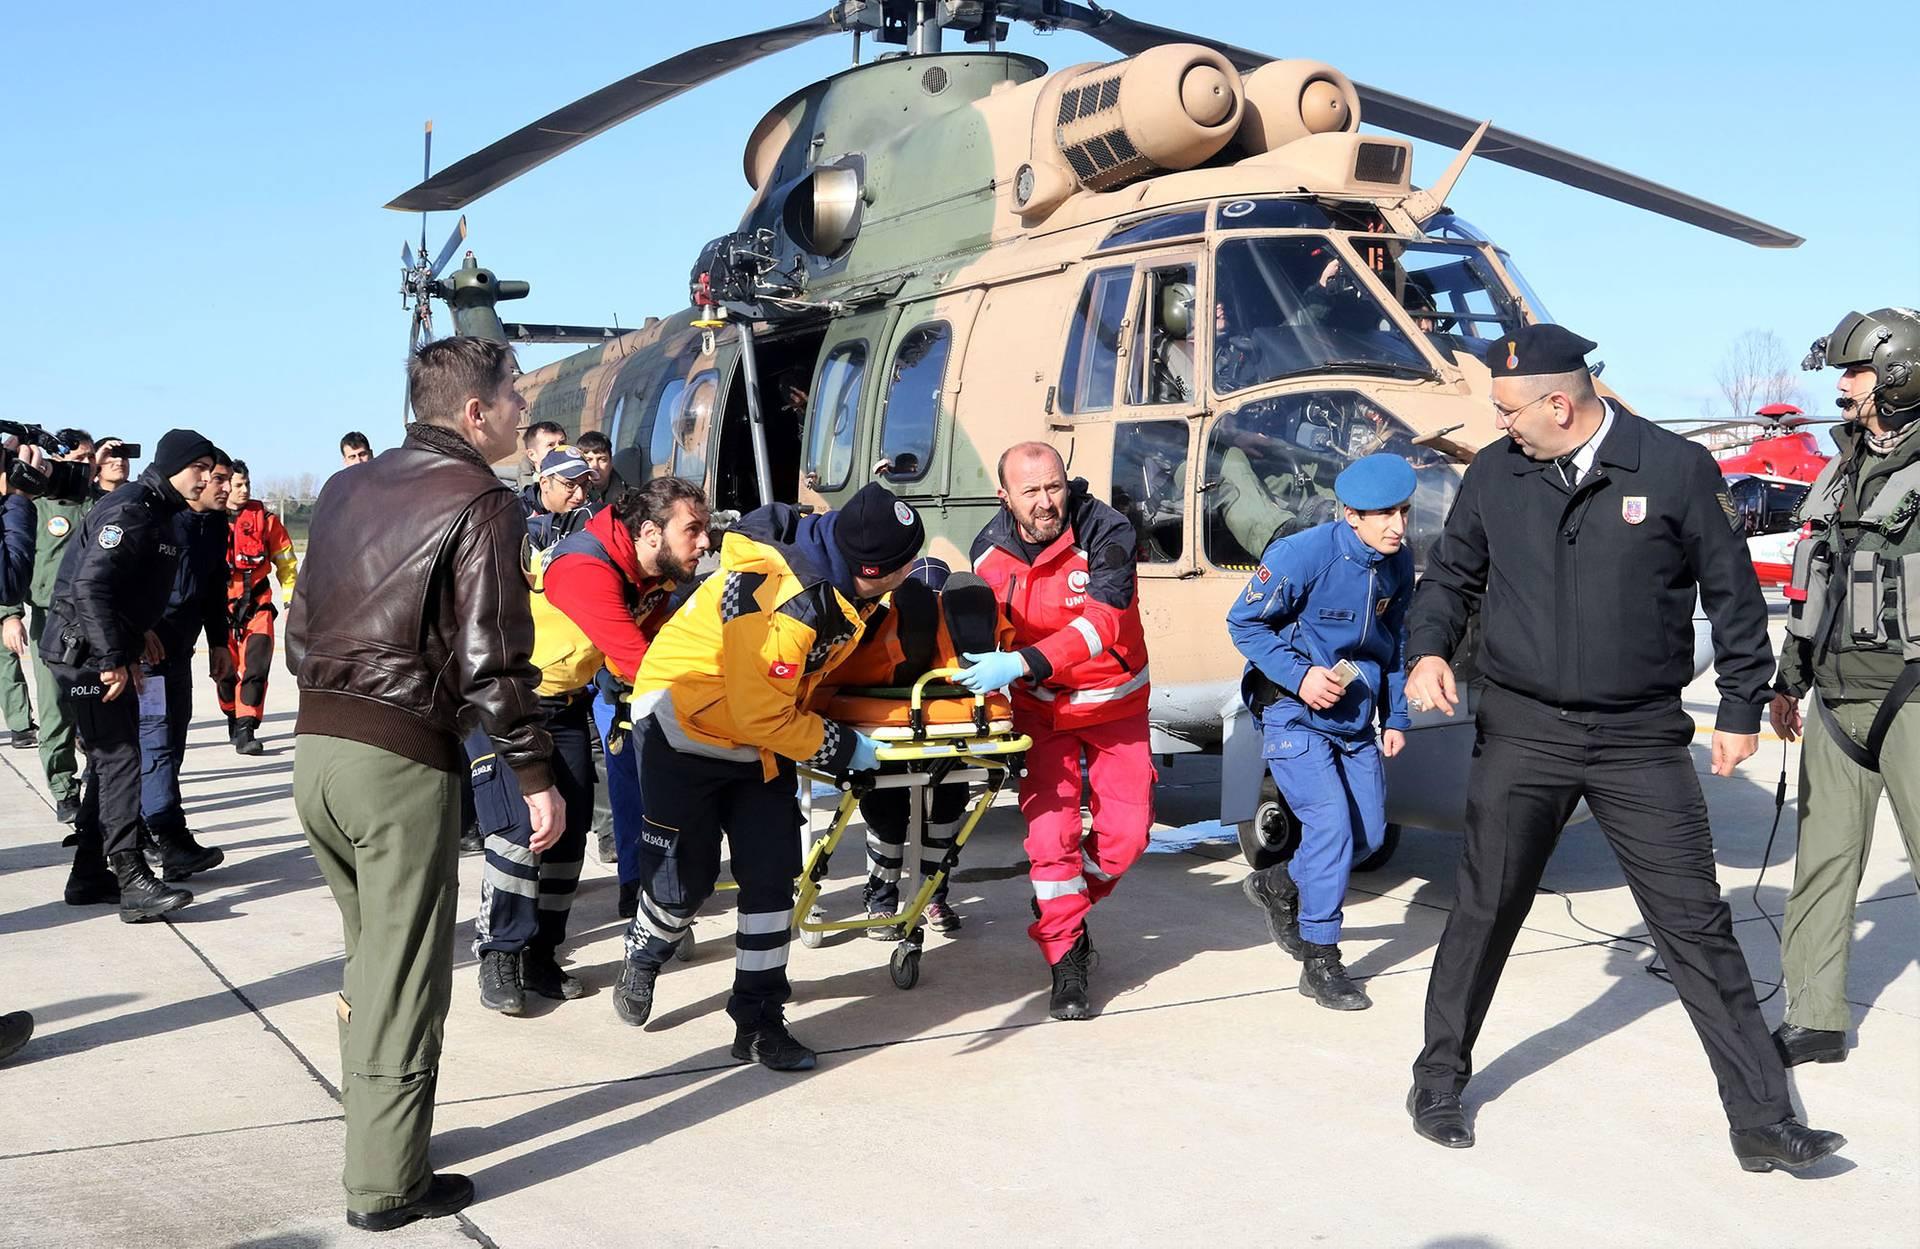 Рятувальники і медики транспортують чоловіка, якого вдалось витягти із води після аварії вантажного судна Volgo Balt 214 біля біля берегів турецької провінції Самсун, 7 січня 2019 року